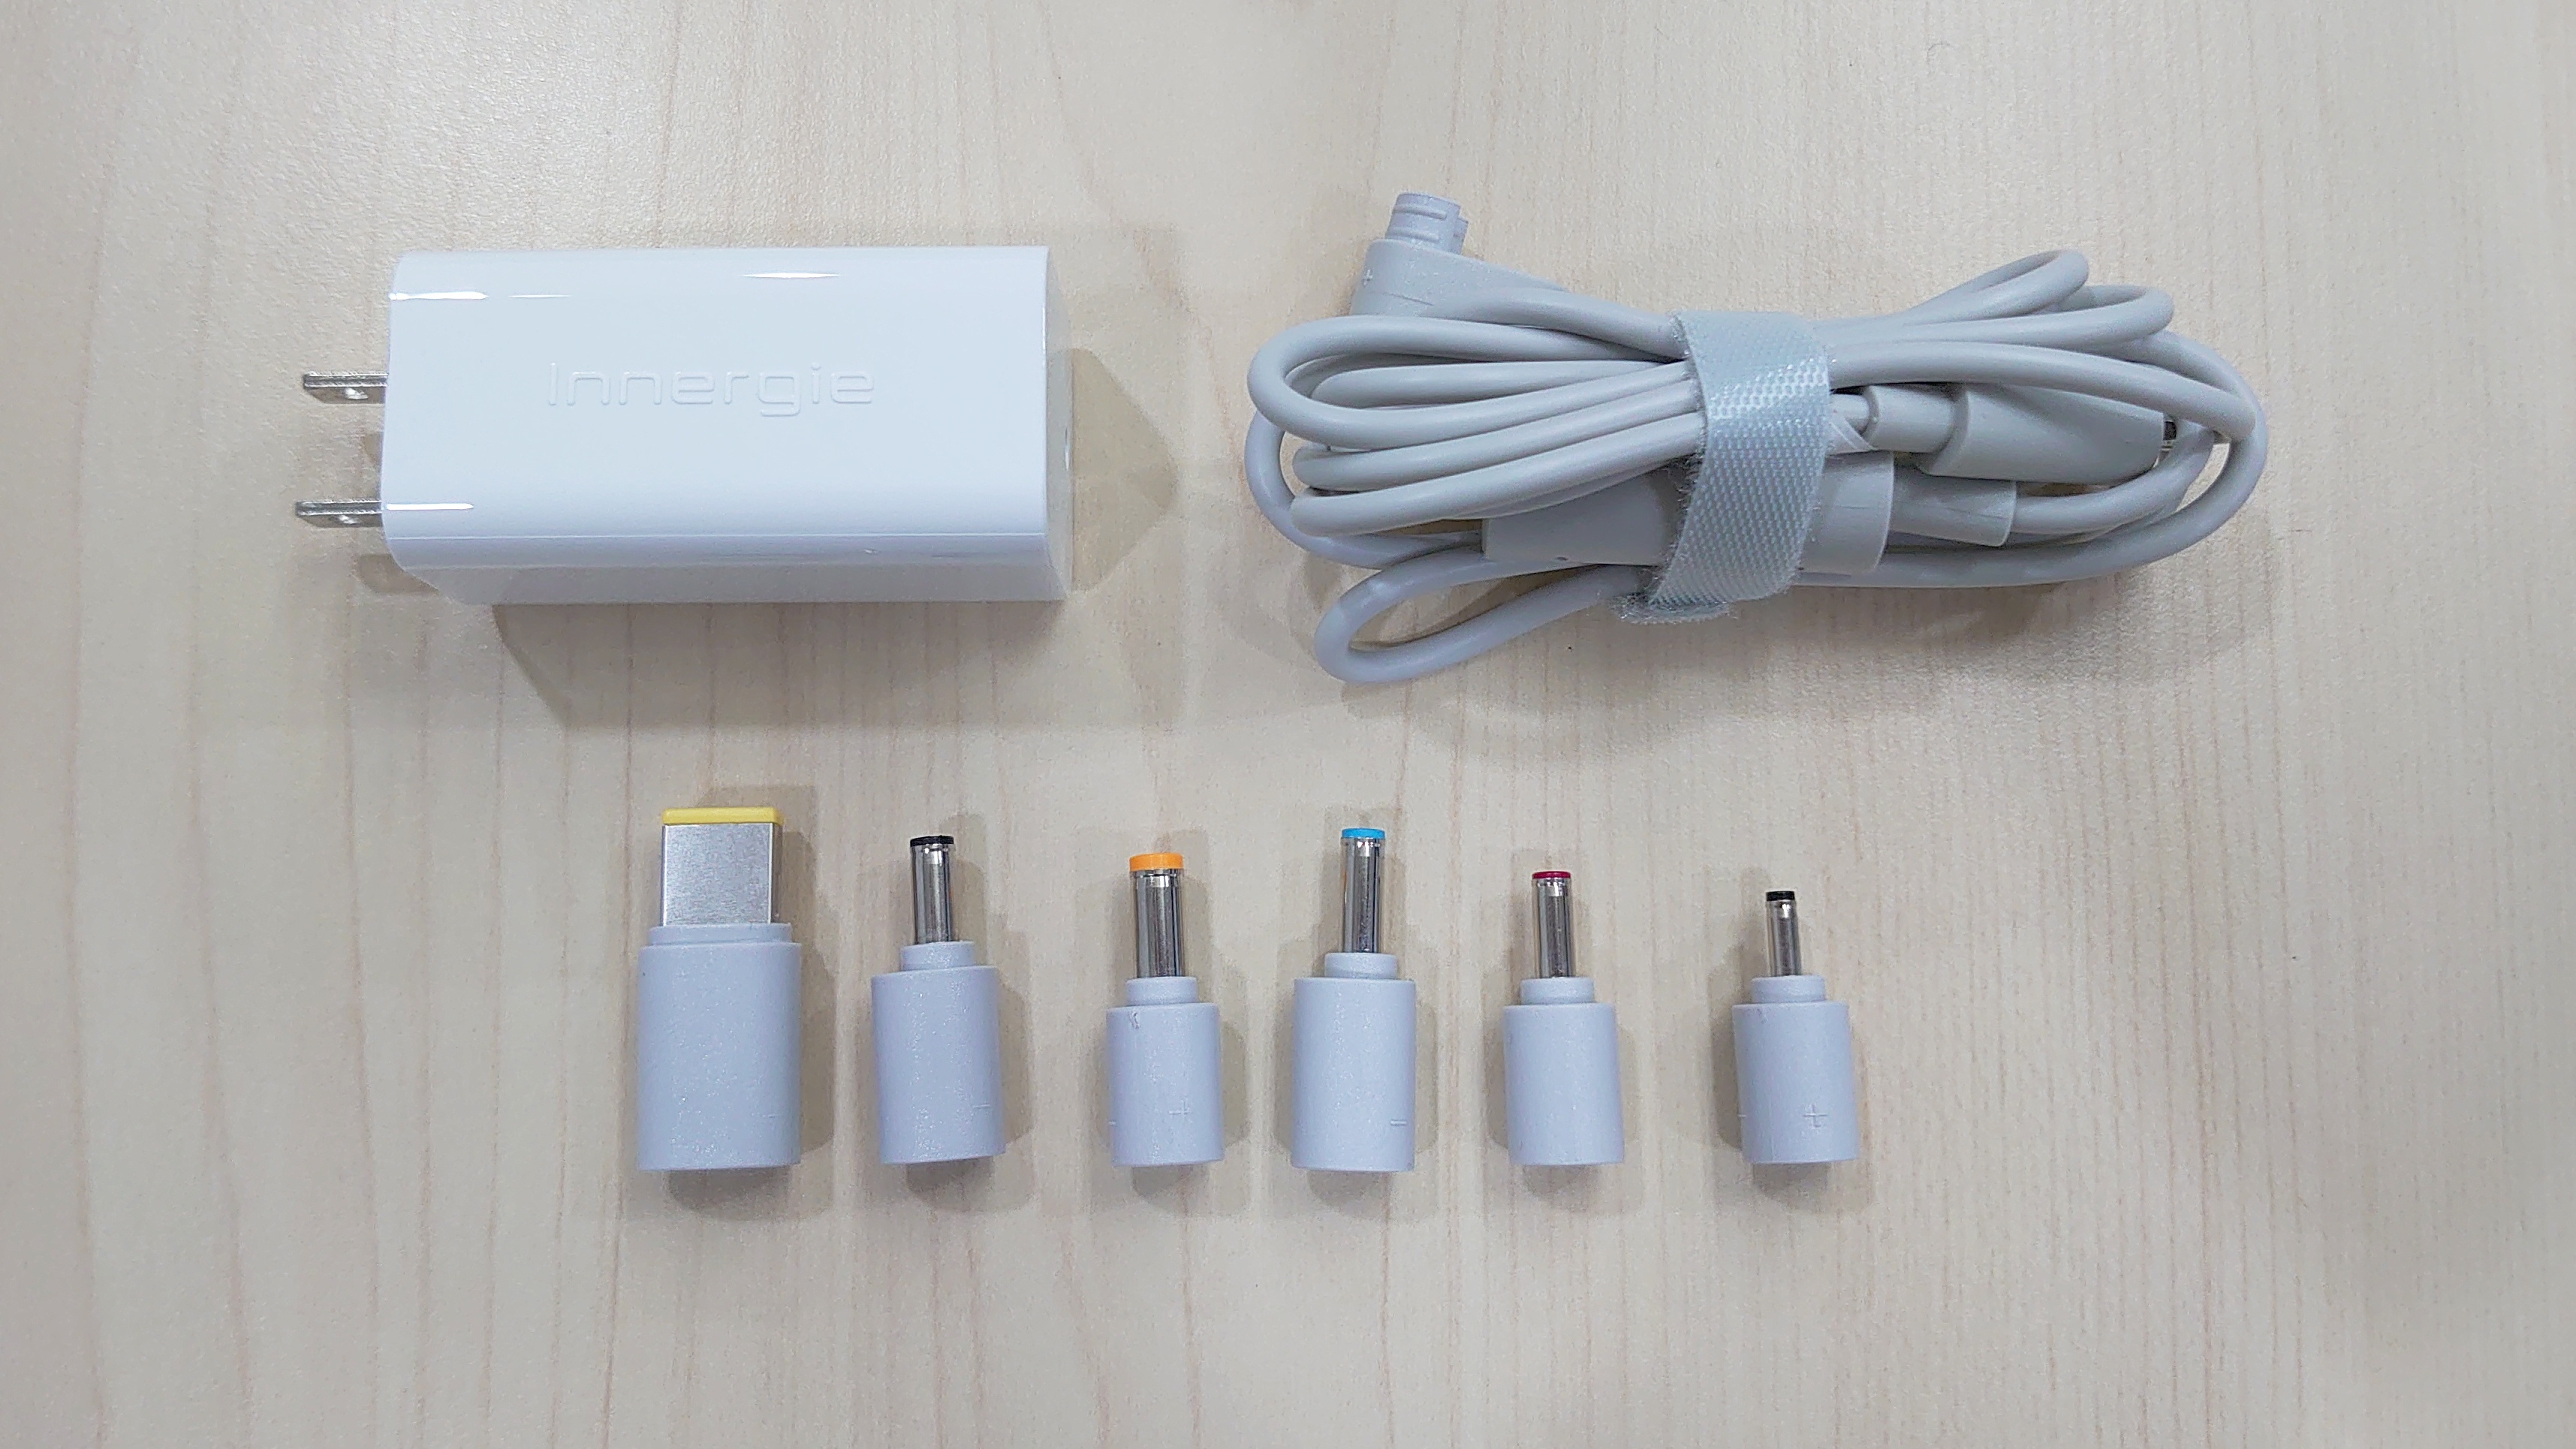 「開箱分享」台達電 Innergie 65U 65瓦萬用筆電充電器,支援多國電壓及多品牌筆電充電